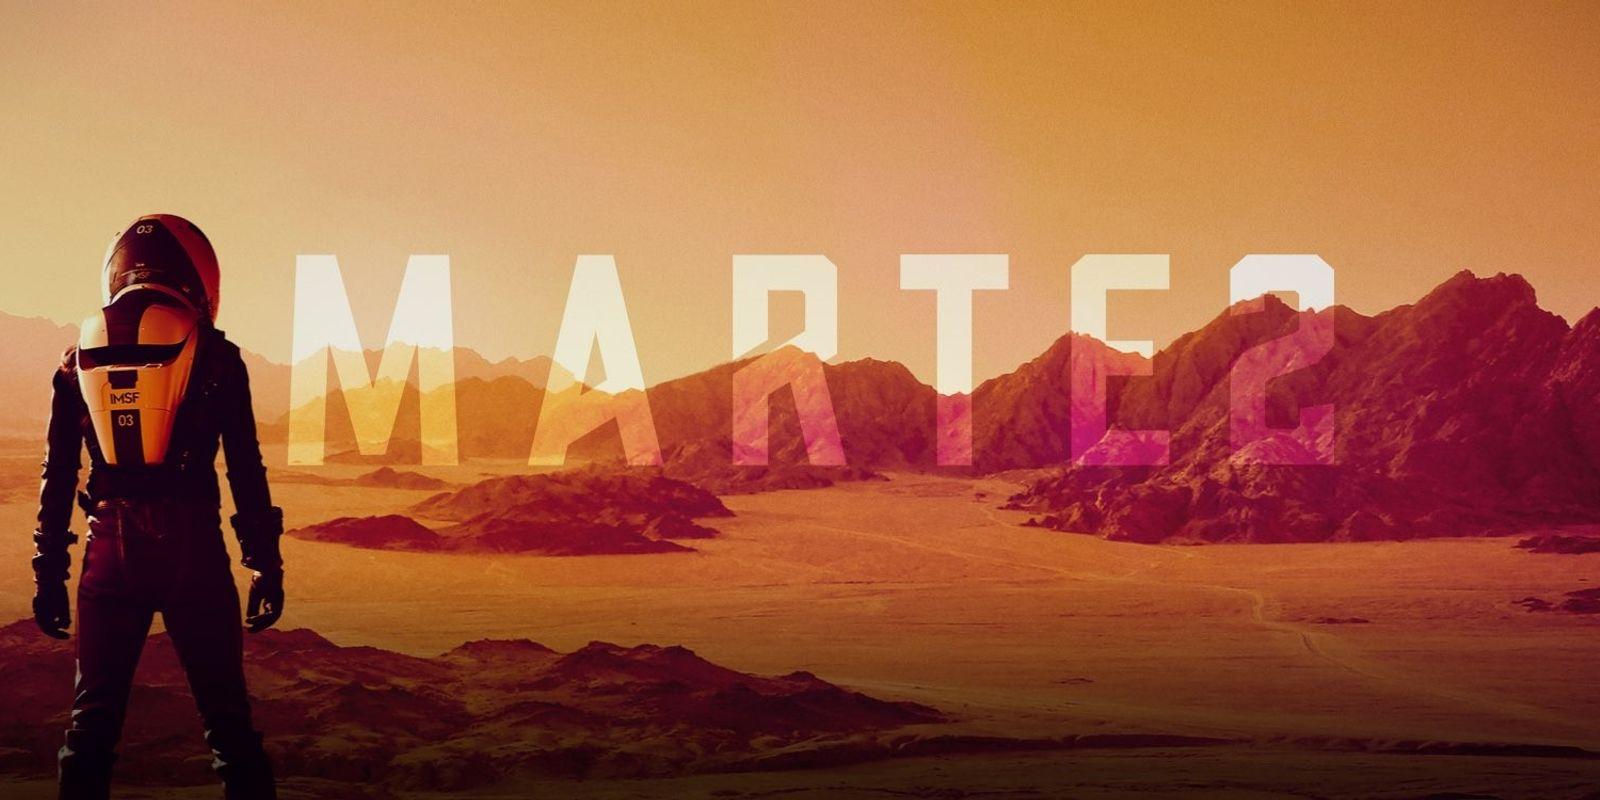 Marte 2 - Estamos en el año 2042